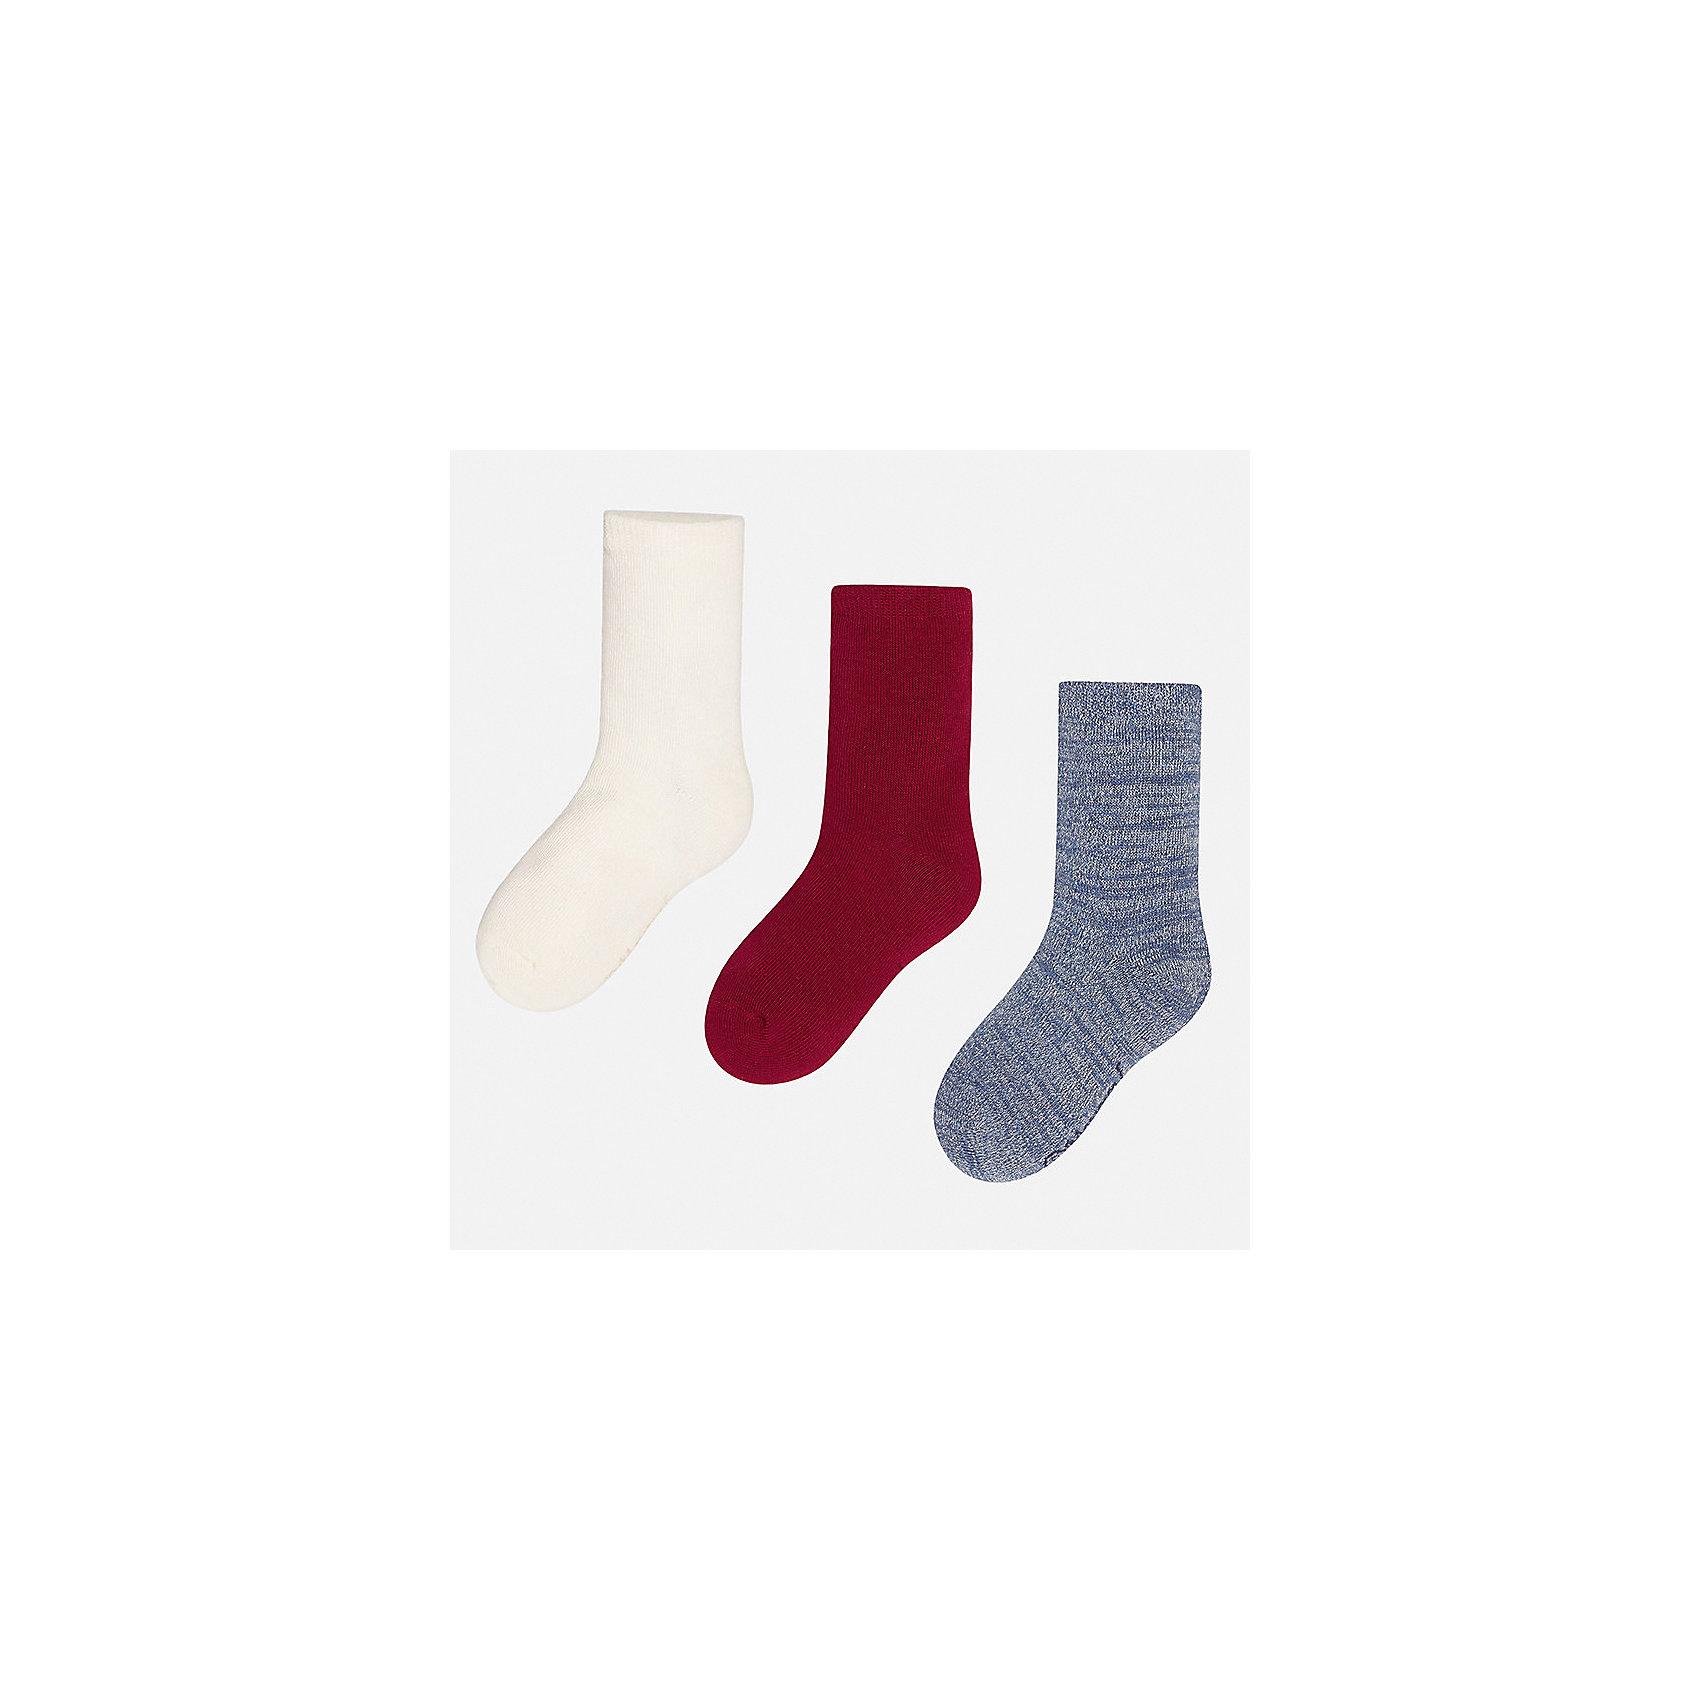 Носки (3 пары) для девочки MayoralНоски<br>Характеристики товара:<br><br>• цвет: красный<br>• состав ткани: 74% хлопок, 20% полиэстер, 3% полиамид, 3% эластан<br>• сезон: круглый год<br>• комплектация: 3 пары<br>• страна бренда: Испания<br>• страна изготовитель: Индия<br><br>Детский комплект из трех пар носков смотрится аккуратно и стильно. Носки для девочки от бренда Mayoral помогут обеспечить комфорт в и тепло. <br><br>Для производства детской одежды популярный бренд Mayoral используют только качественную фурнитуру и материалы. Оригинальные и модные вещи от Майорал неизменно привлекают внимание и нравятся детям.<br><br>Носки (3 пары) для девочки Mayoral (Майорал) можно купить в нашем интернет-магазине.<br><br>Ширина мм: 87<br>Глубина мм: 10<br>Высота мм: 105<br>Вес г: 115<br>Цвет: красный<br>Возраст от месяцев: 216<br>Возраст до месяцев: 1188<br>Пол: Женский<br>Возраст: Детский<br>Размер: 41/42,33-35,35/36,36/37,37/38,38/39<br>SKU: 6925686